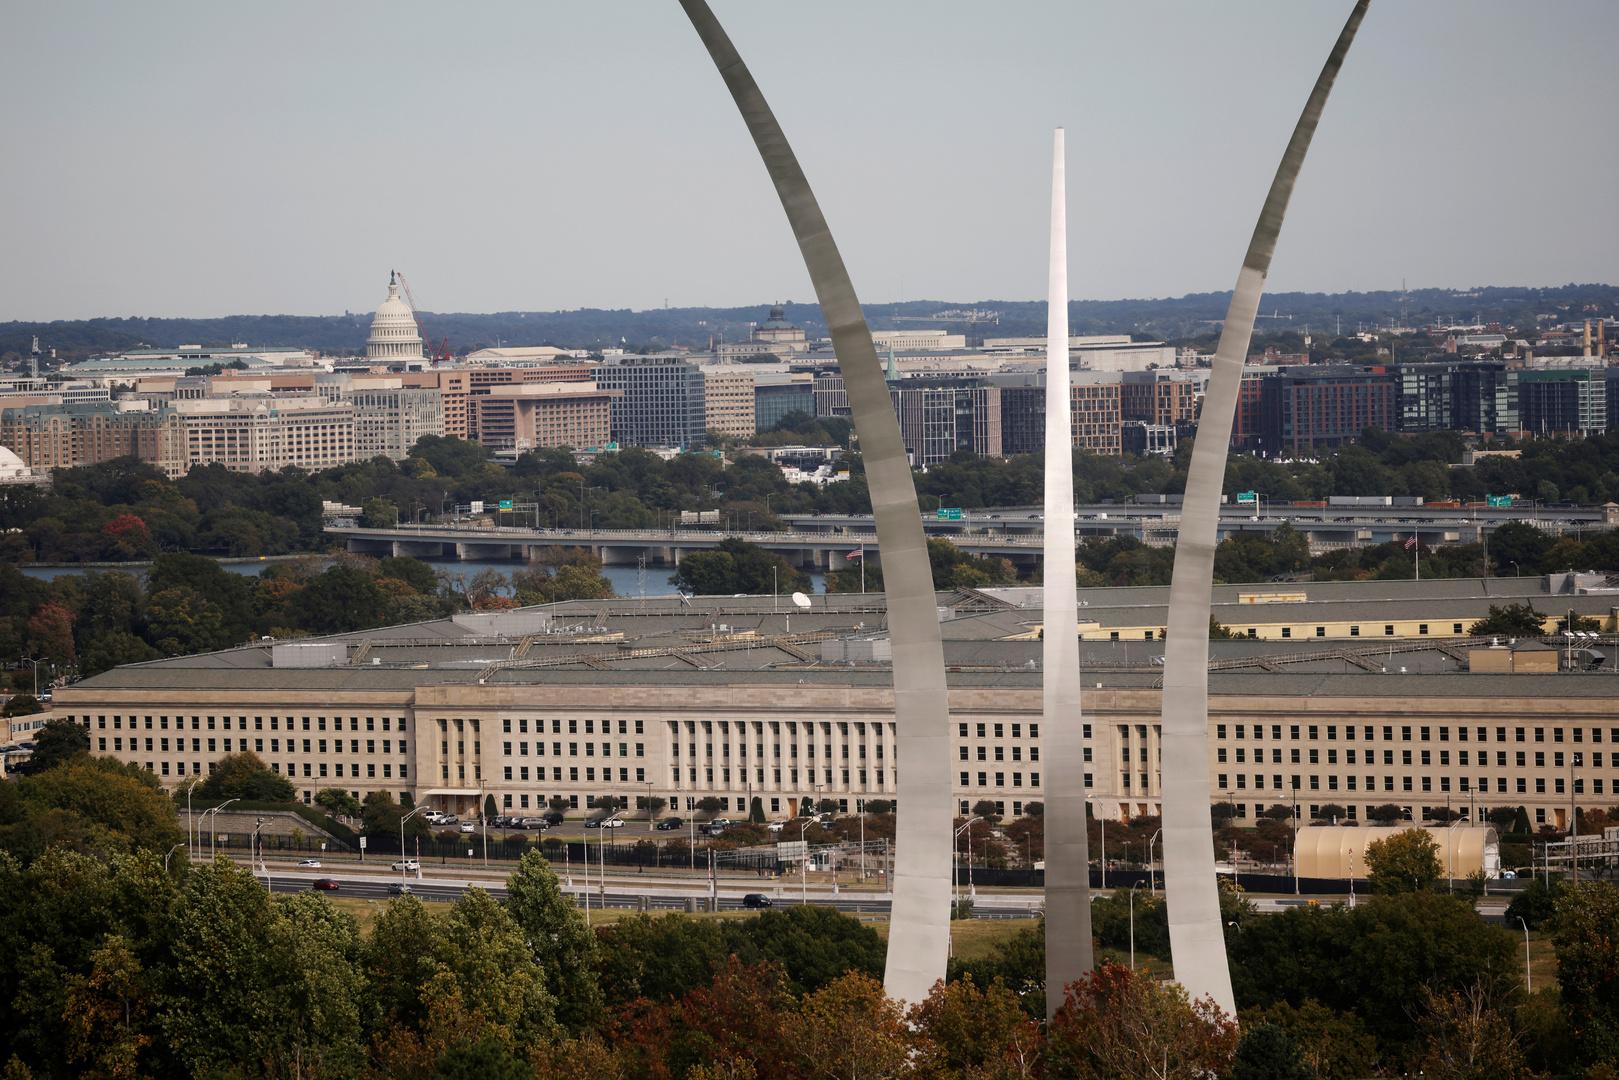 وزارة الدفاع الأمريكية - البنتاغون